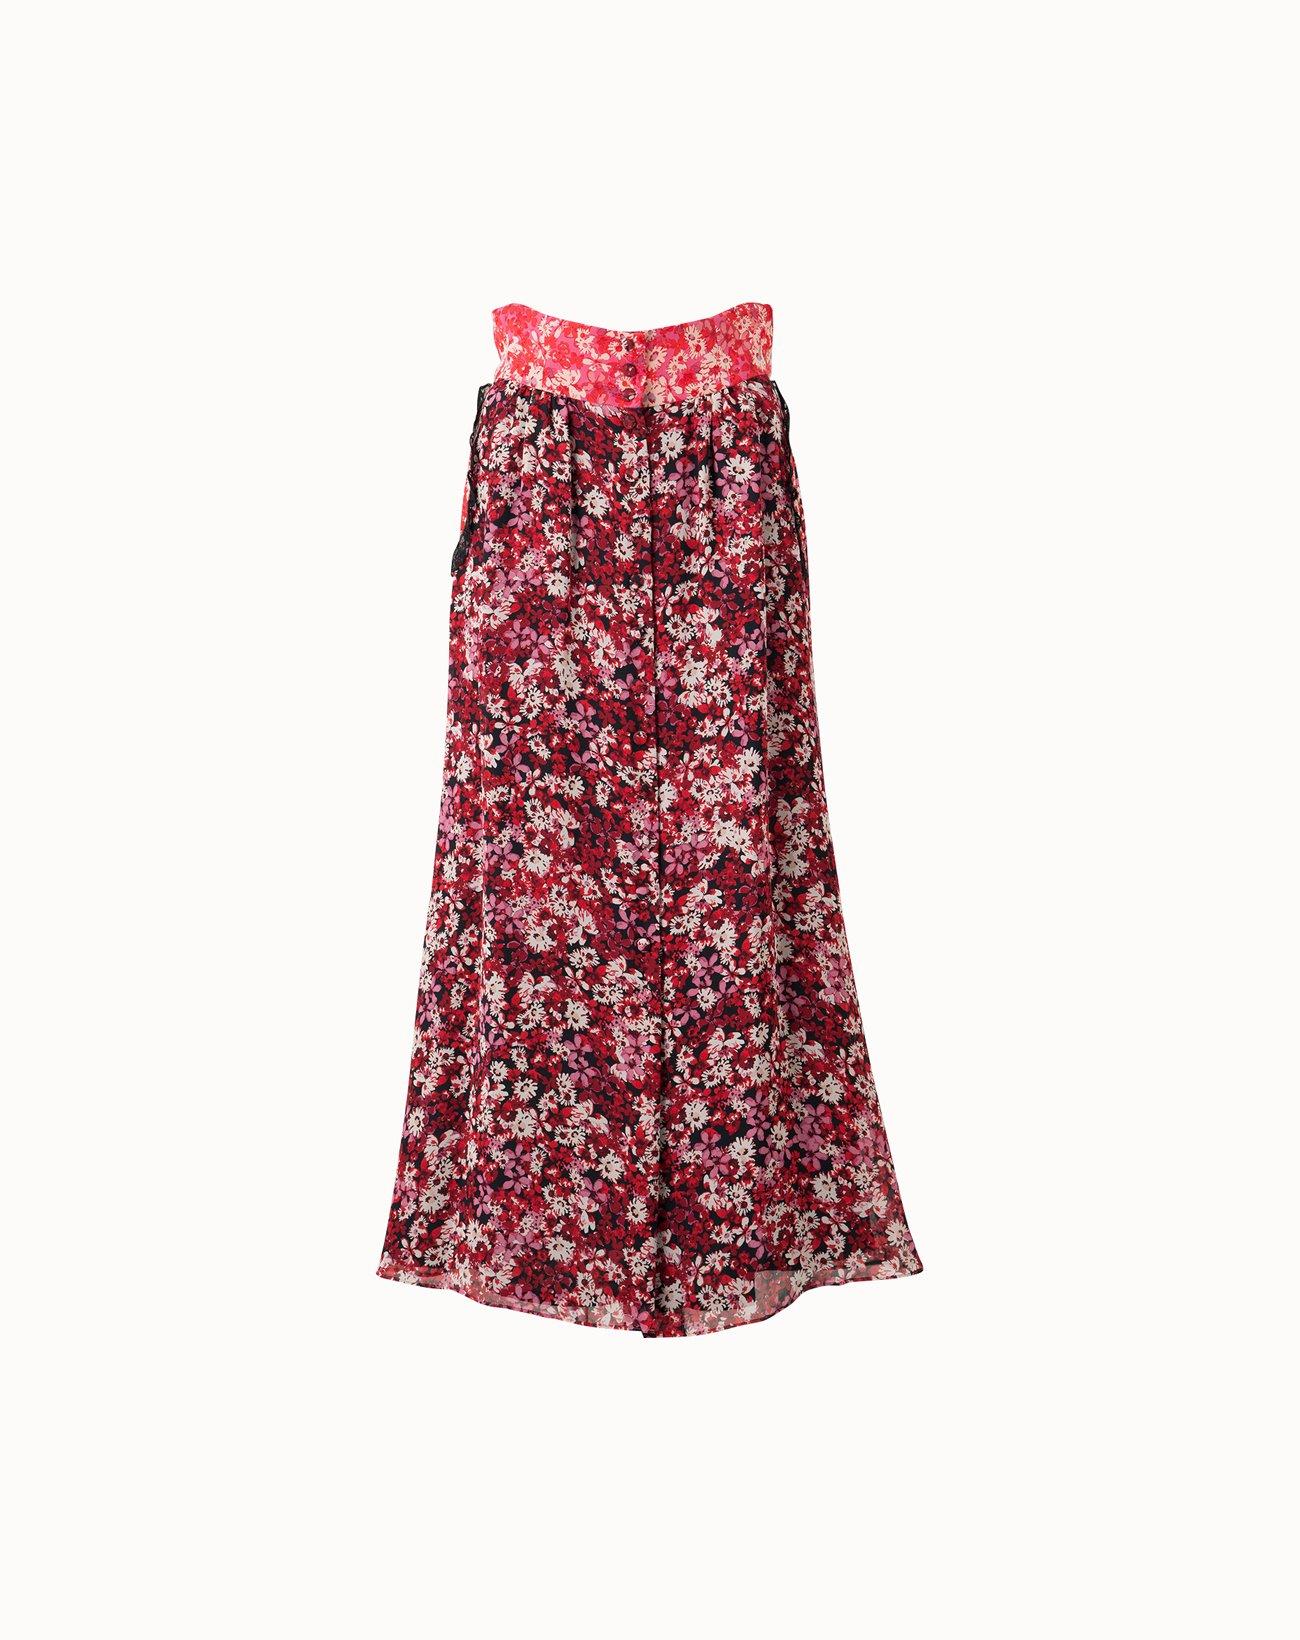 Palette Flower Skirt - Red